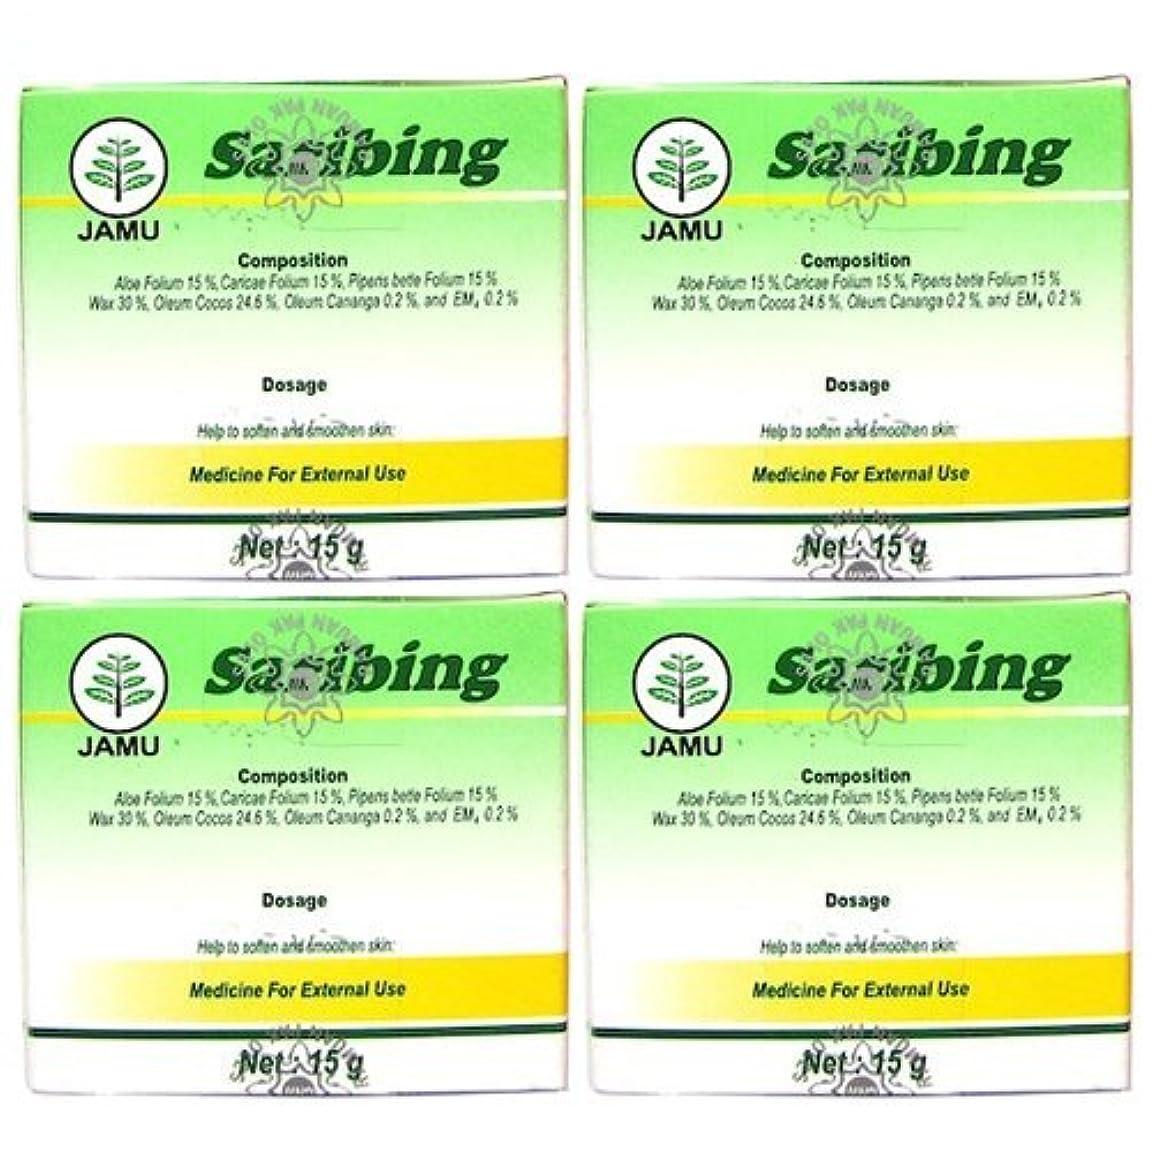 診断する公演行Saribing(サリビン)ビューティー クリーム 15g 4個セット [並行輸入品][海外直送品]